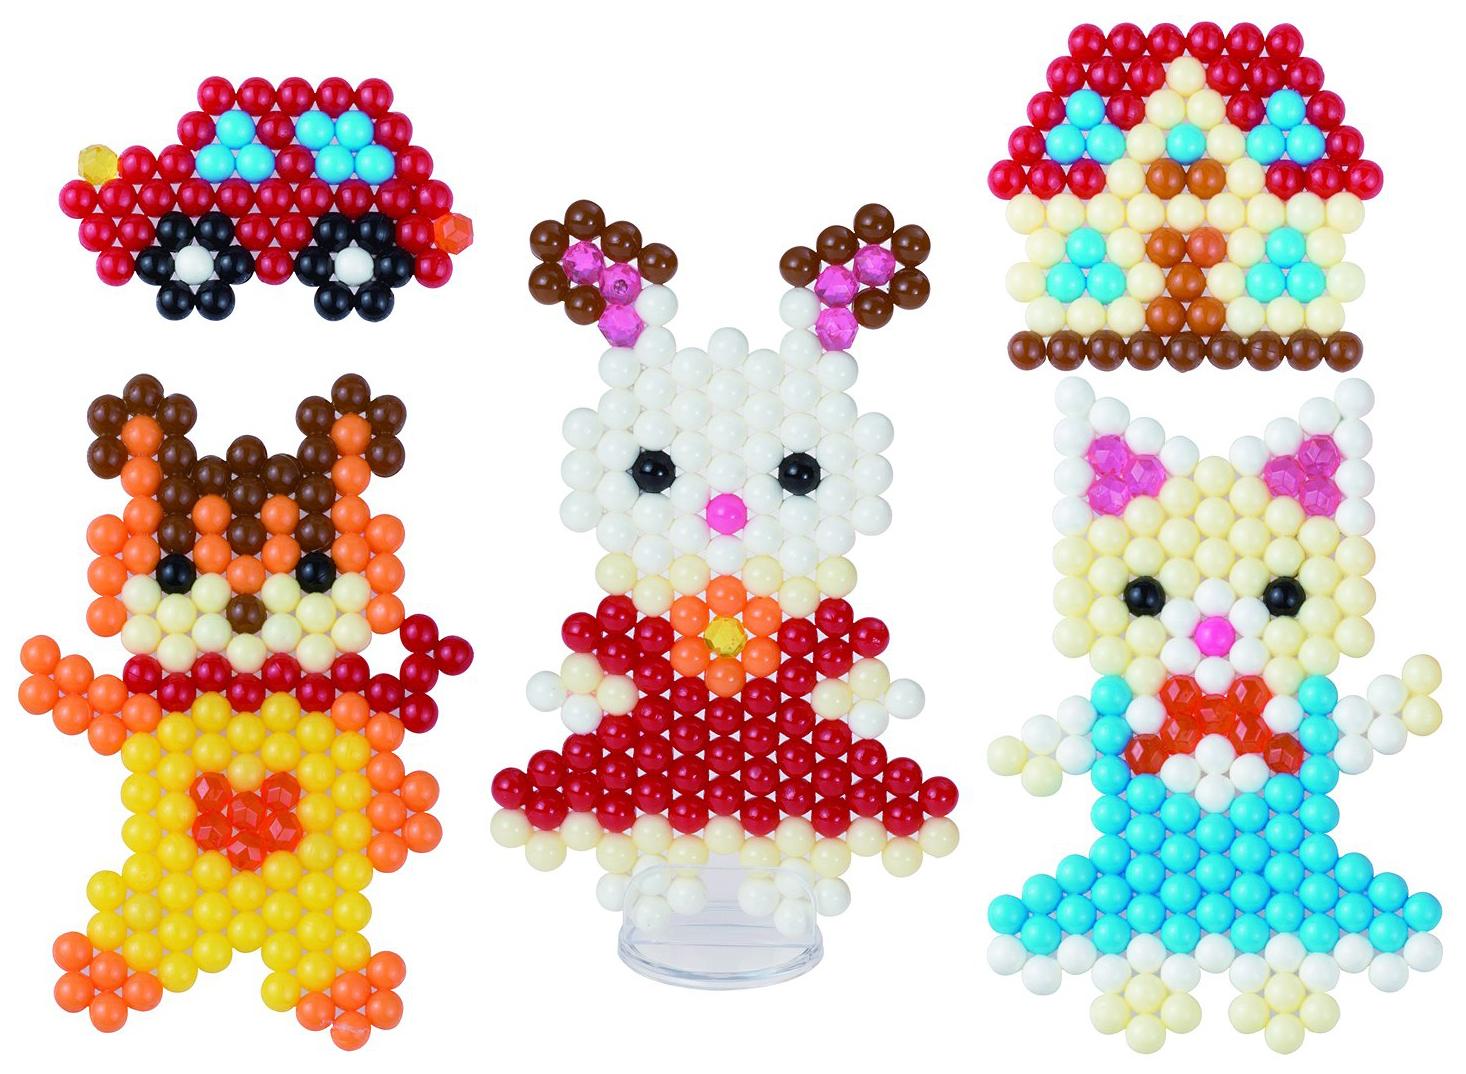 Набор для детского творчества Aquabeads Персонажи Sylvanian Families фото